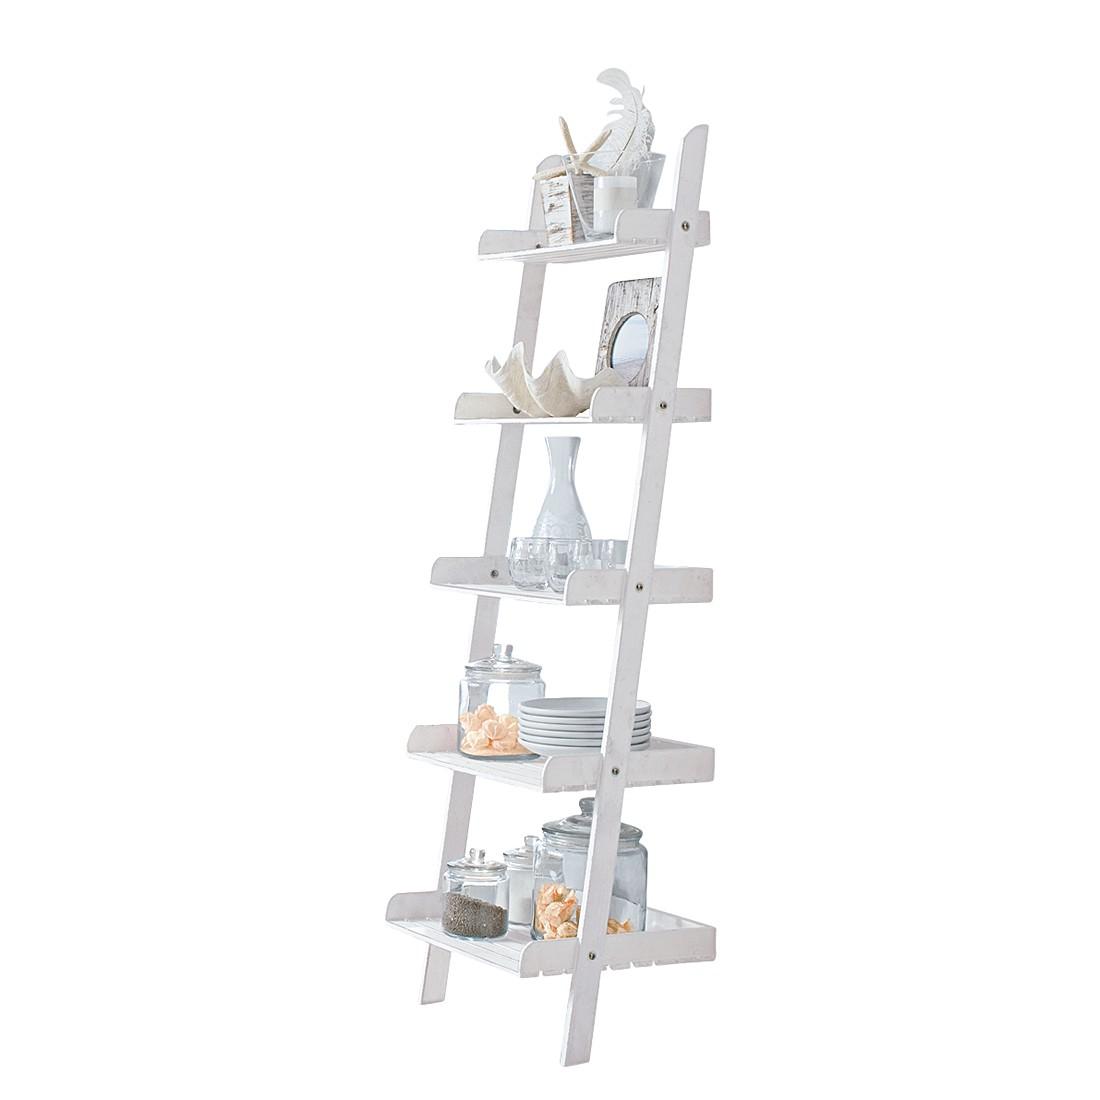 Leiterregal – Tannenholz – Weiß, PureDay günstig online kaufen